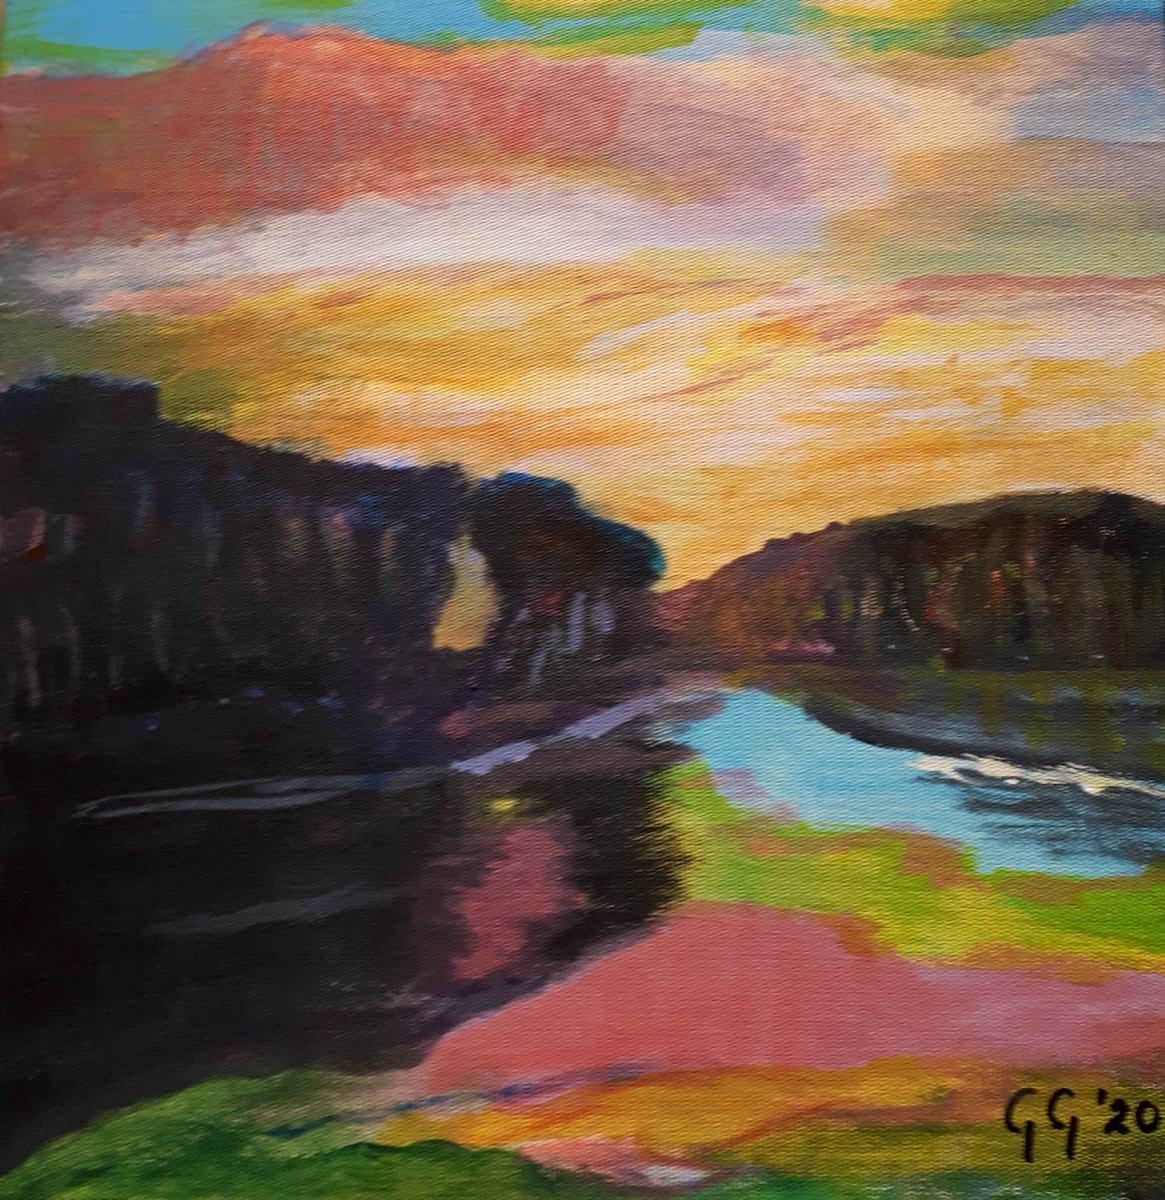 á la vroege Mondriaan, acryl op katoen, 25x25 cm